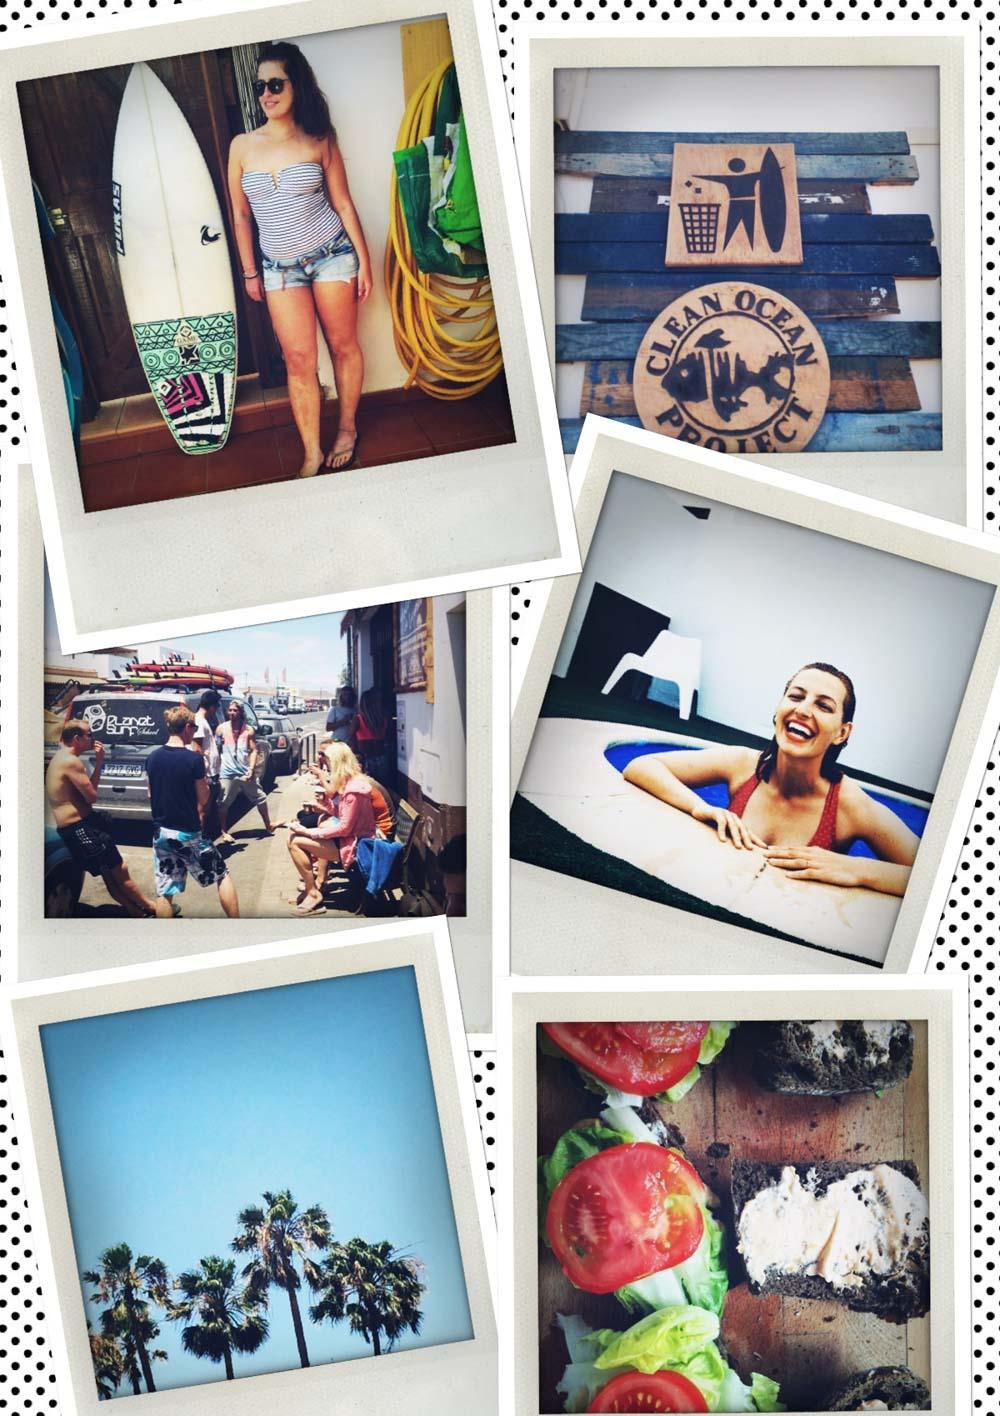 Logbuch der #Inselmädchen 3: Der Planet Surfcamps Surfkurs! Wir probieren uns im Wellenreiten!